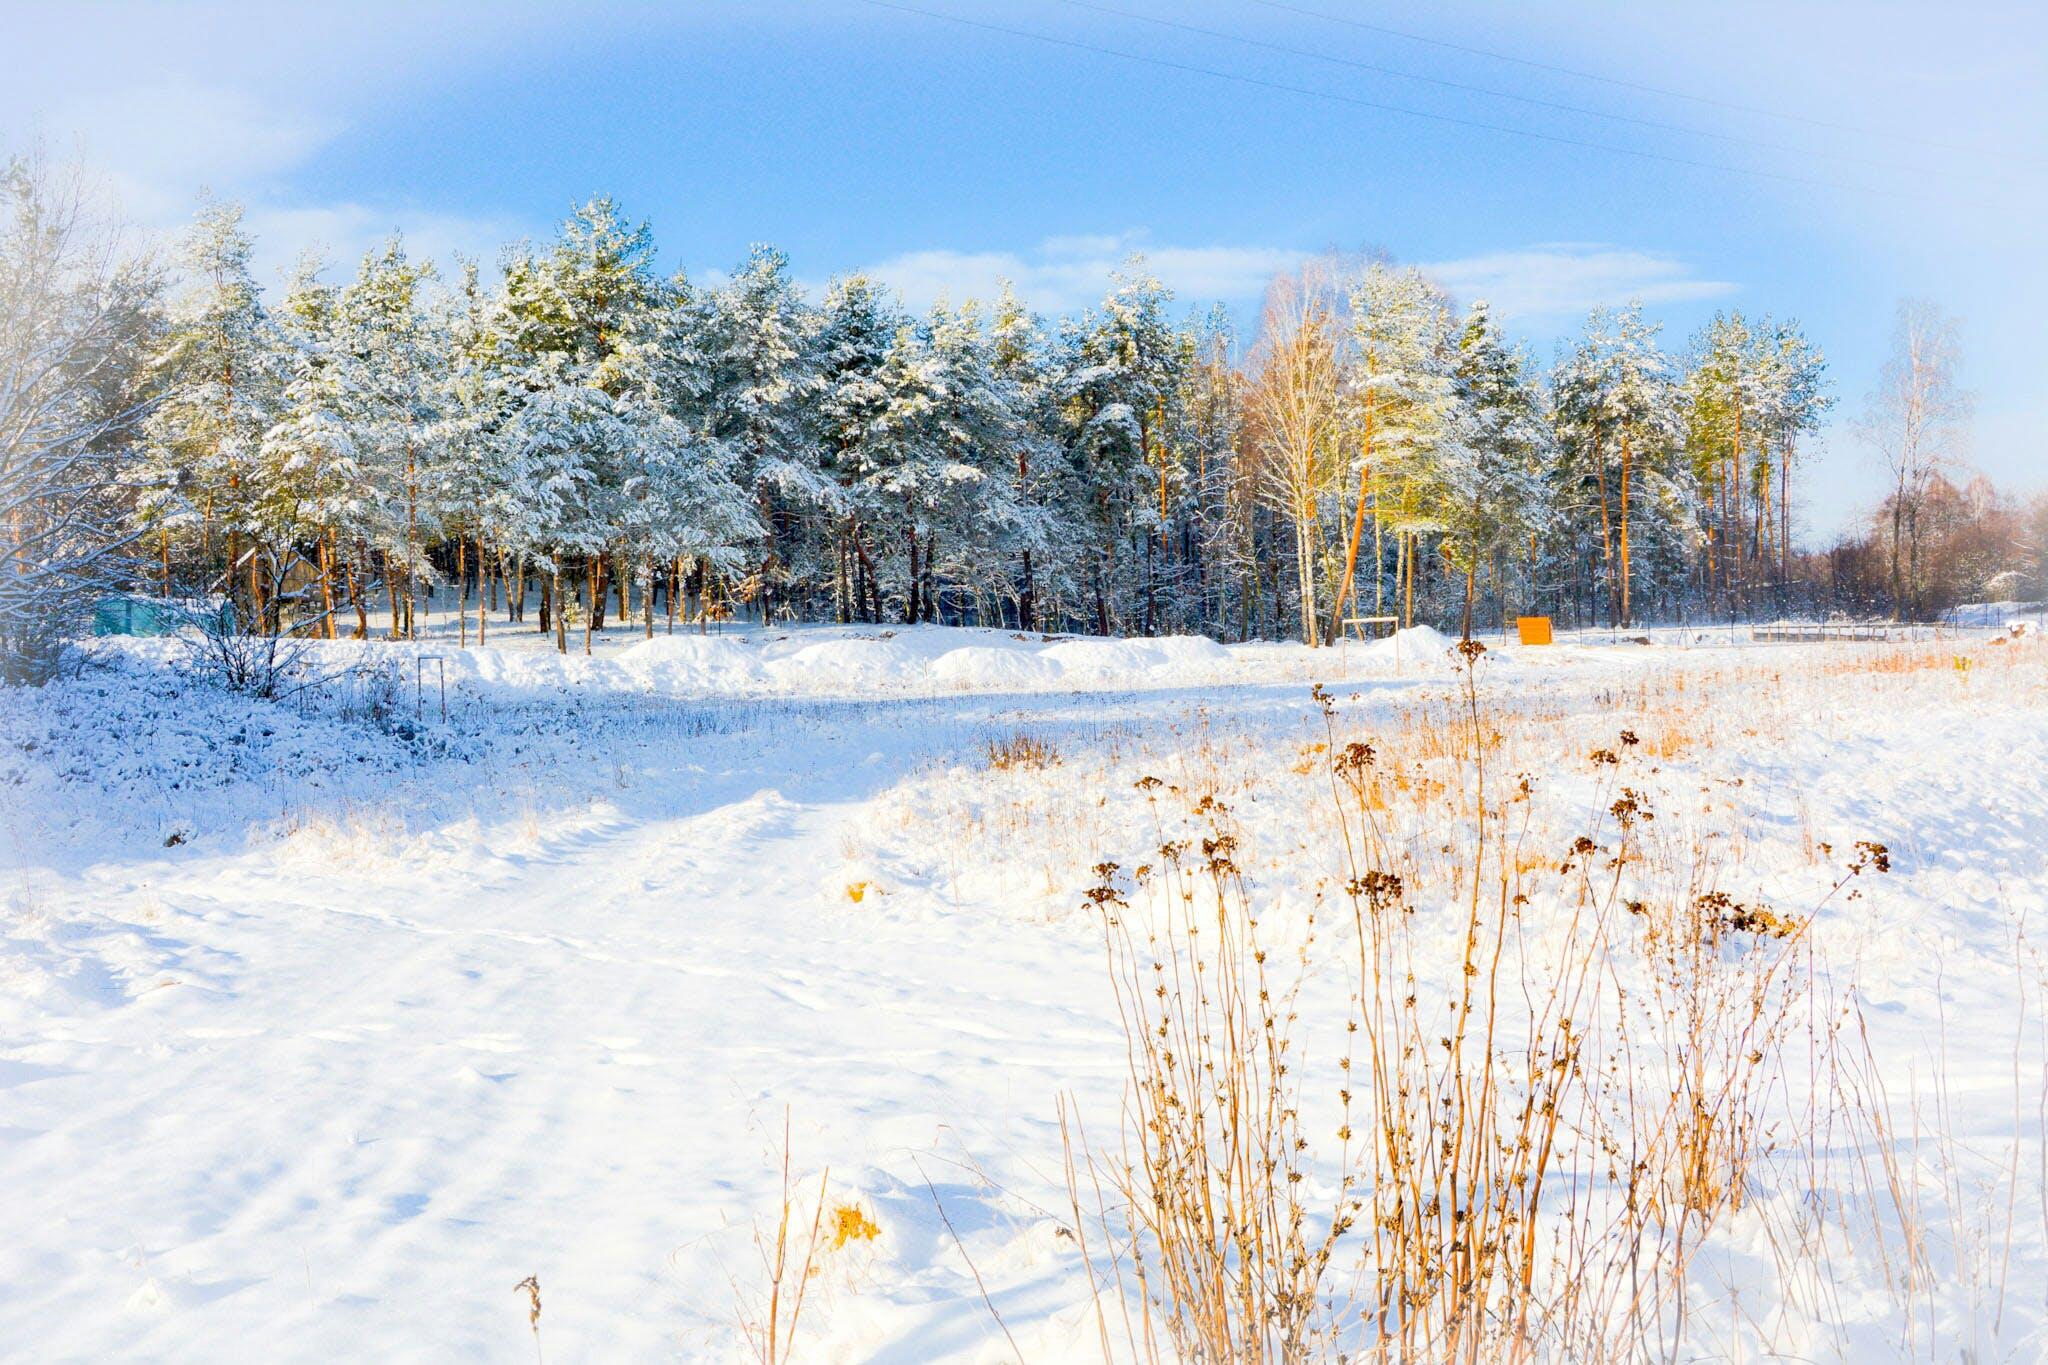 Green Trees on Winter Season